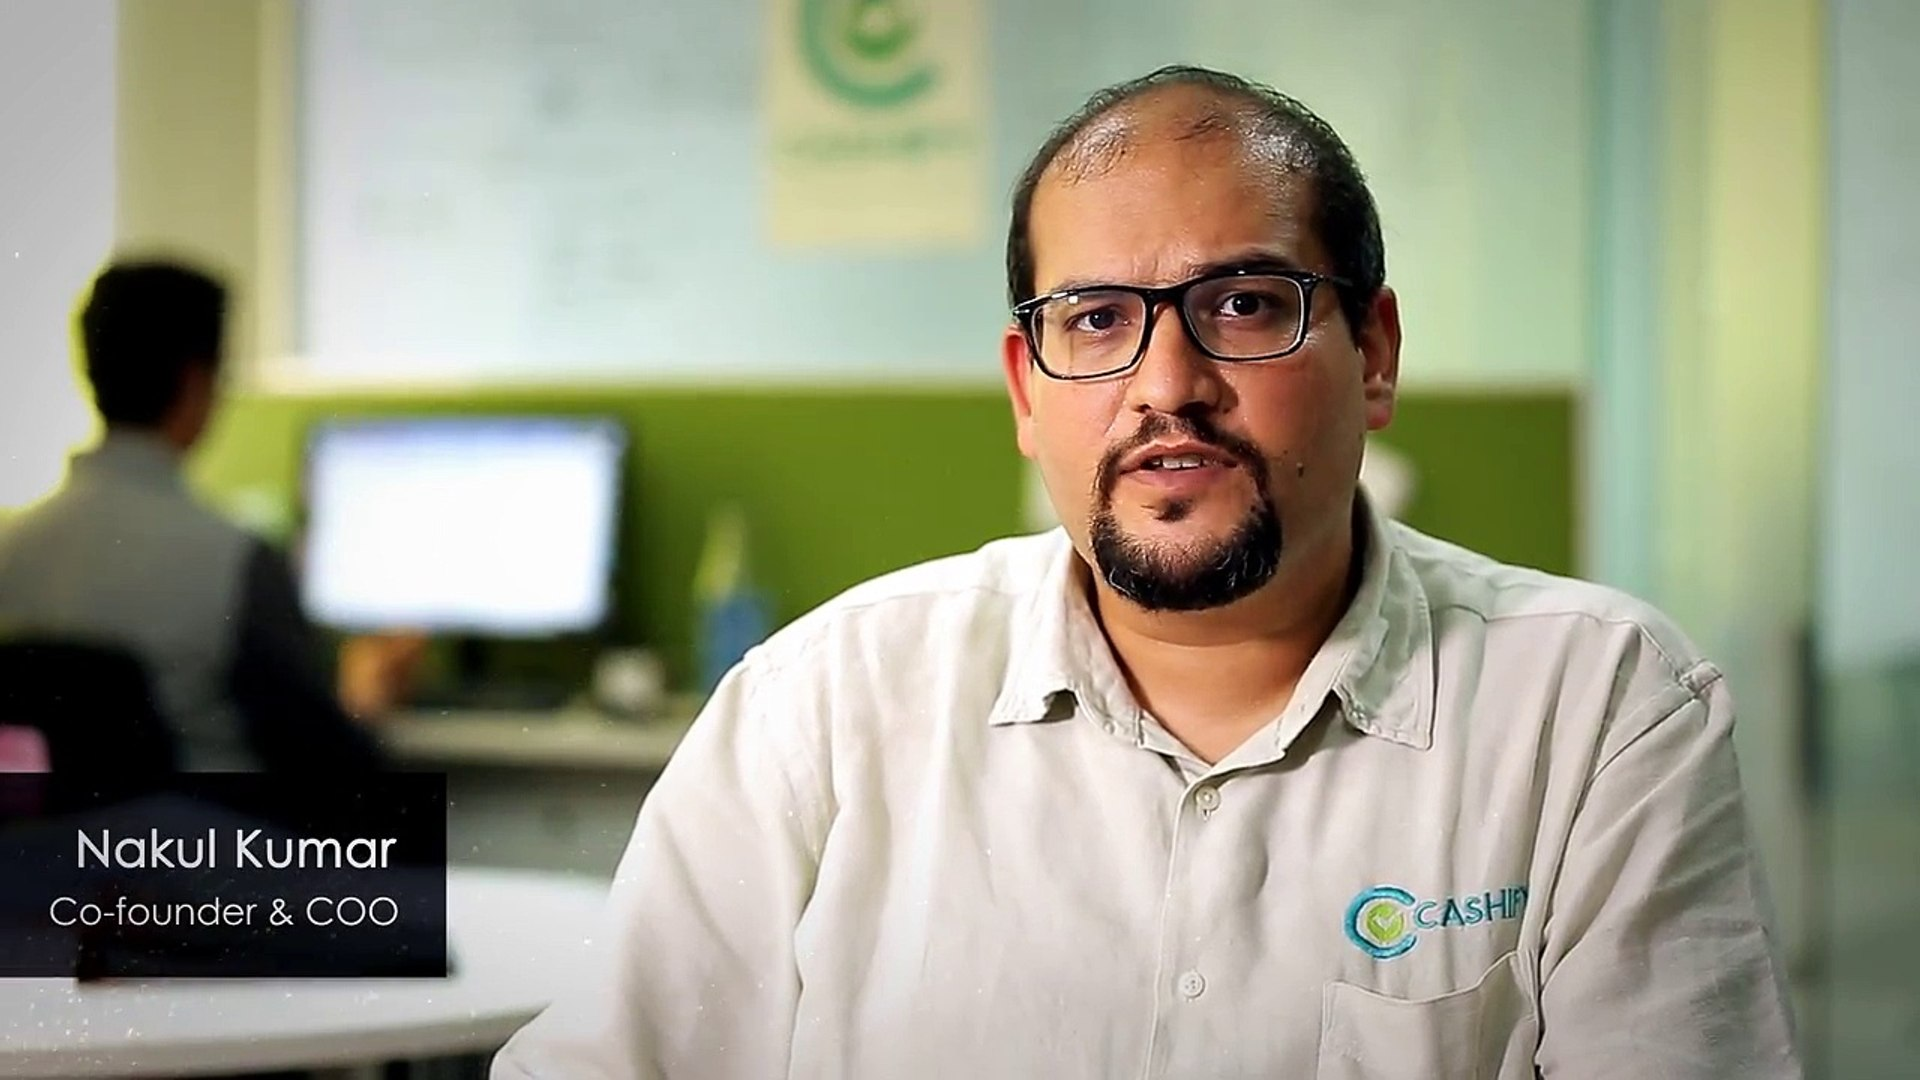 Nakul Kumar, Cashify